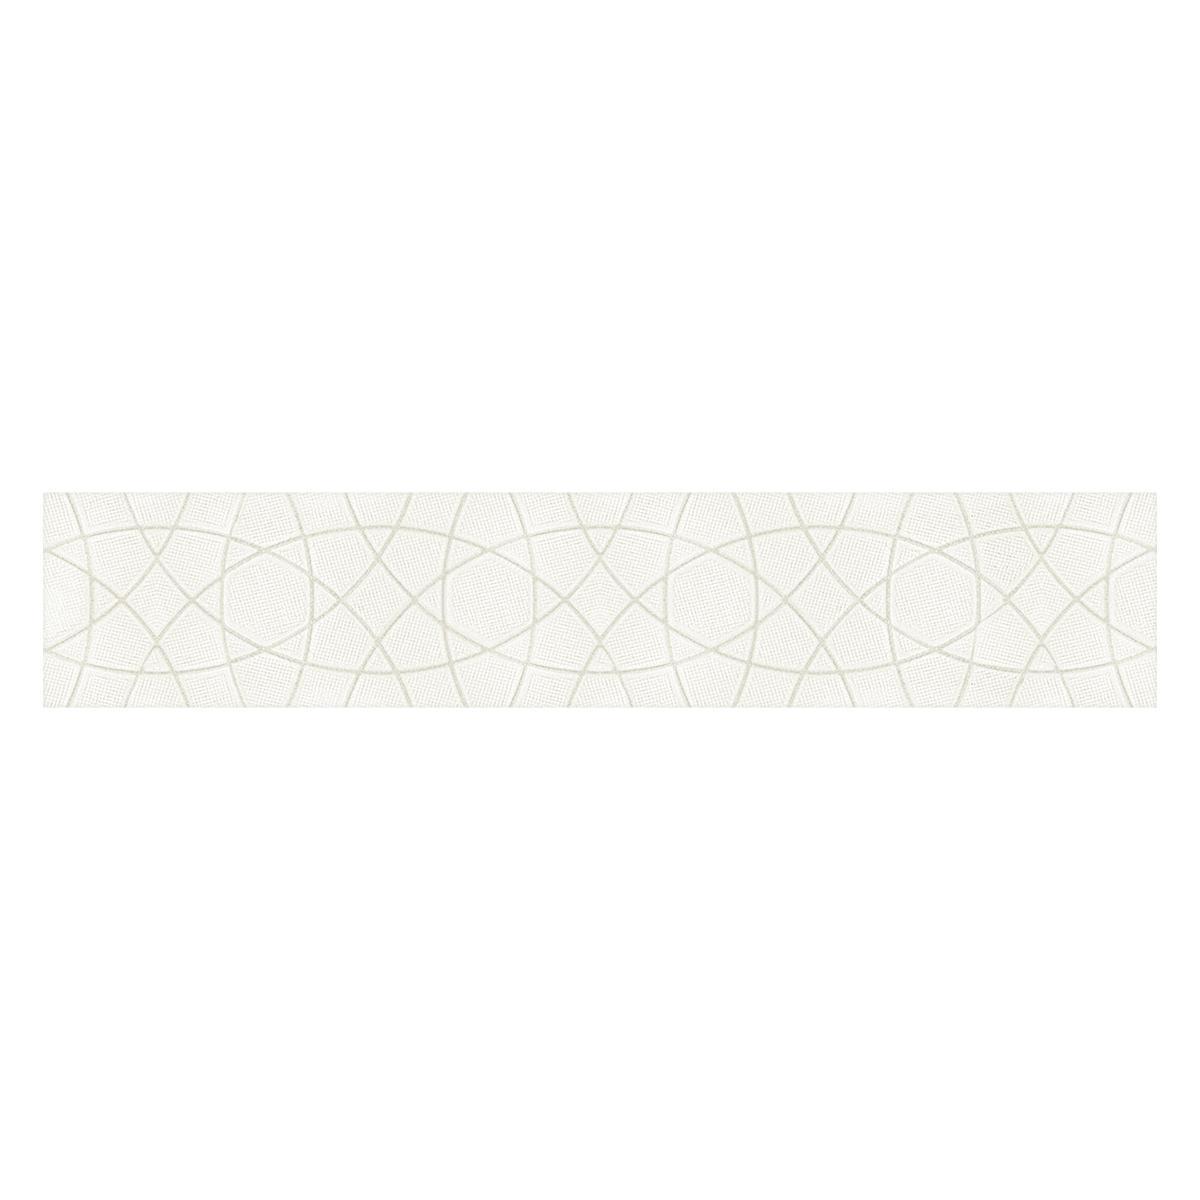 Zócalo Decorado Blanco Brillante - 8.7X45 cm - 1 pza